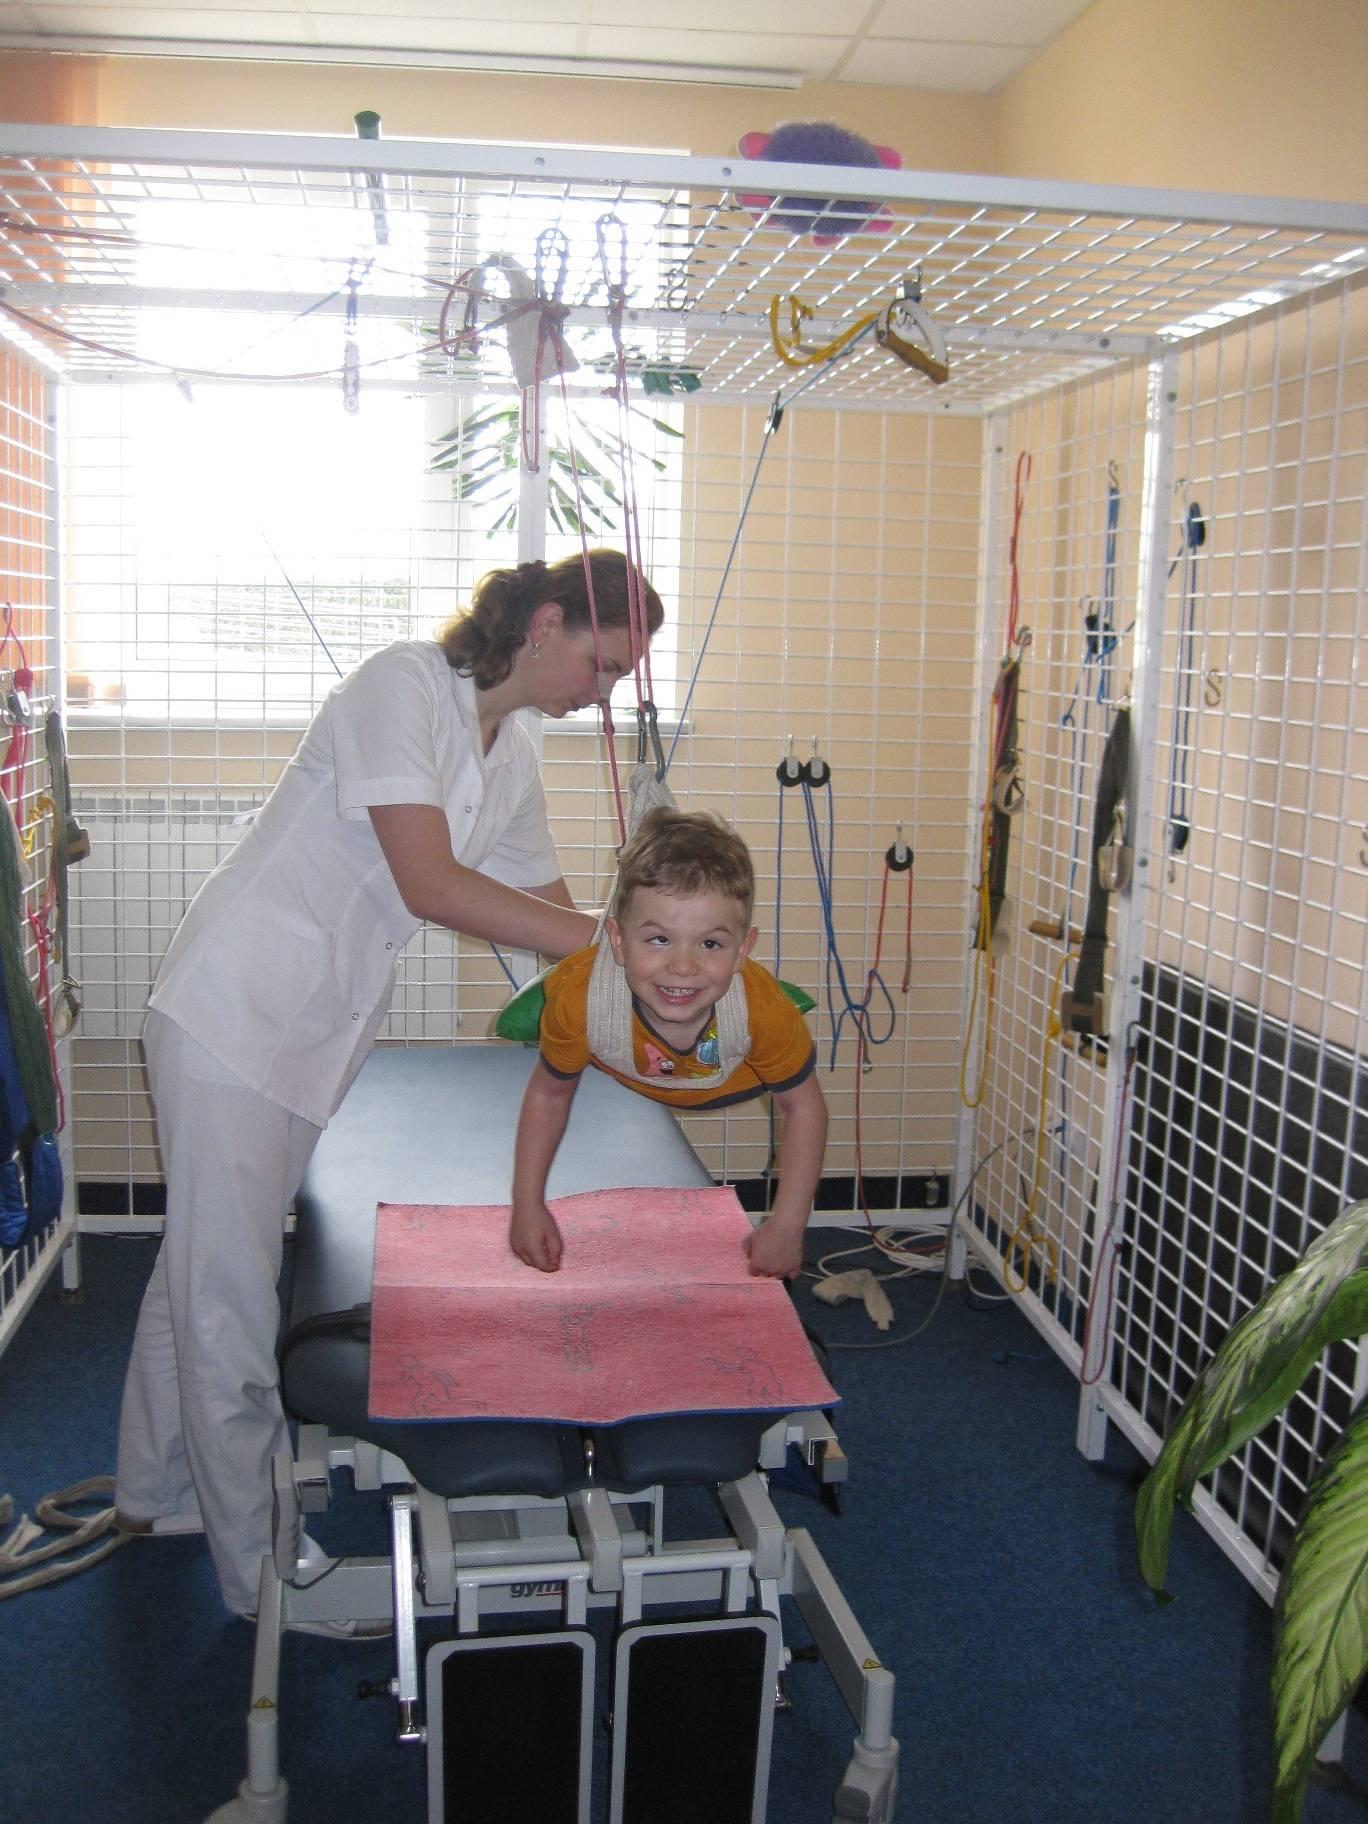 Лечение дцп в чехии: отзывы, клиники, цены